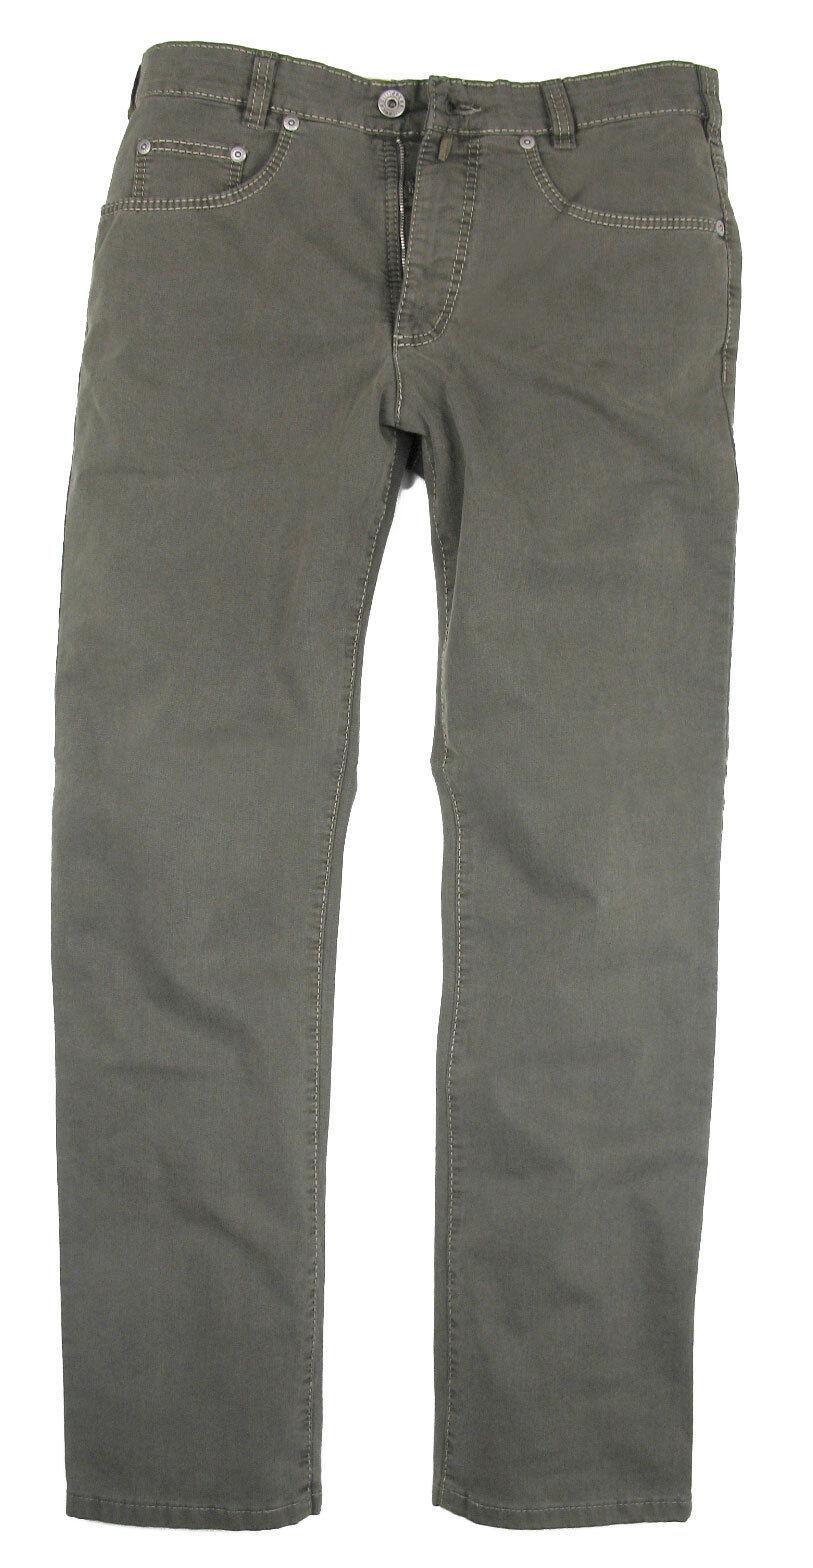 JOKER Stretch-Jeans Stretch-Jeans Stretch-Jeans CLARK grau aus Strukturbaumwolle 8b90c1